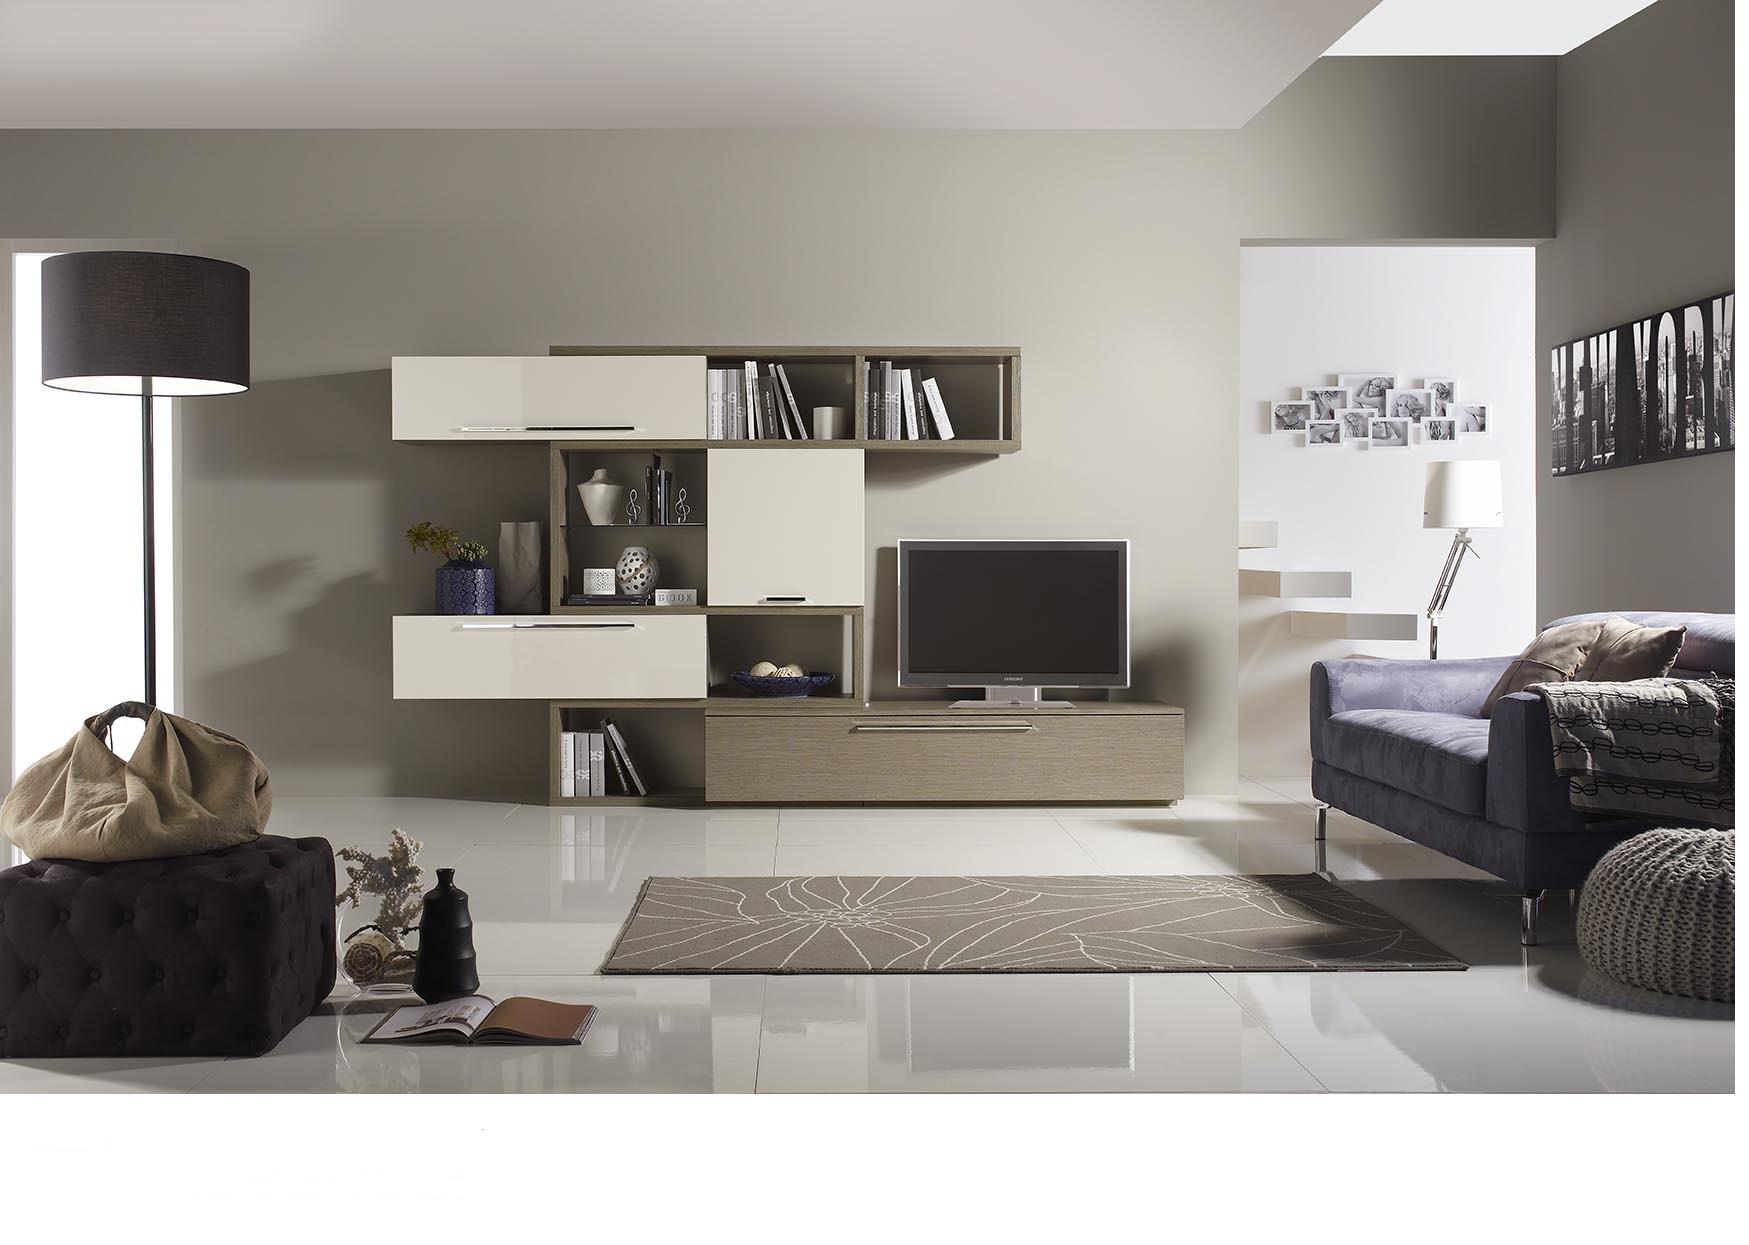 Premobil living arredamenti rota giovanni - Mobili spello casa piu ...